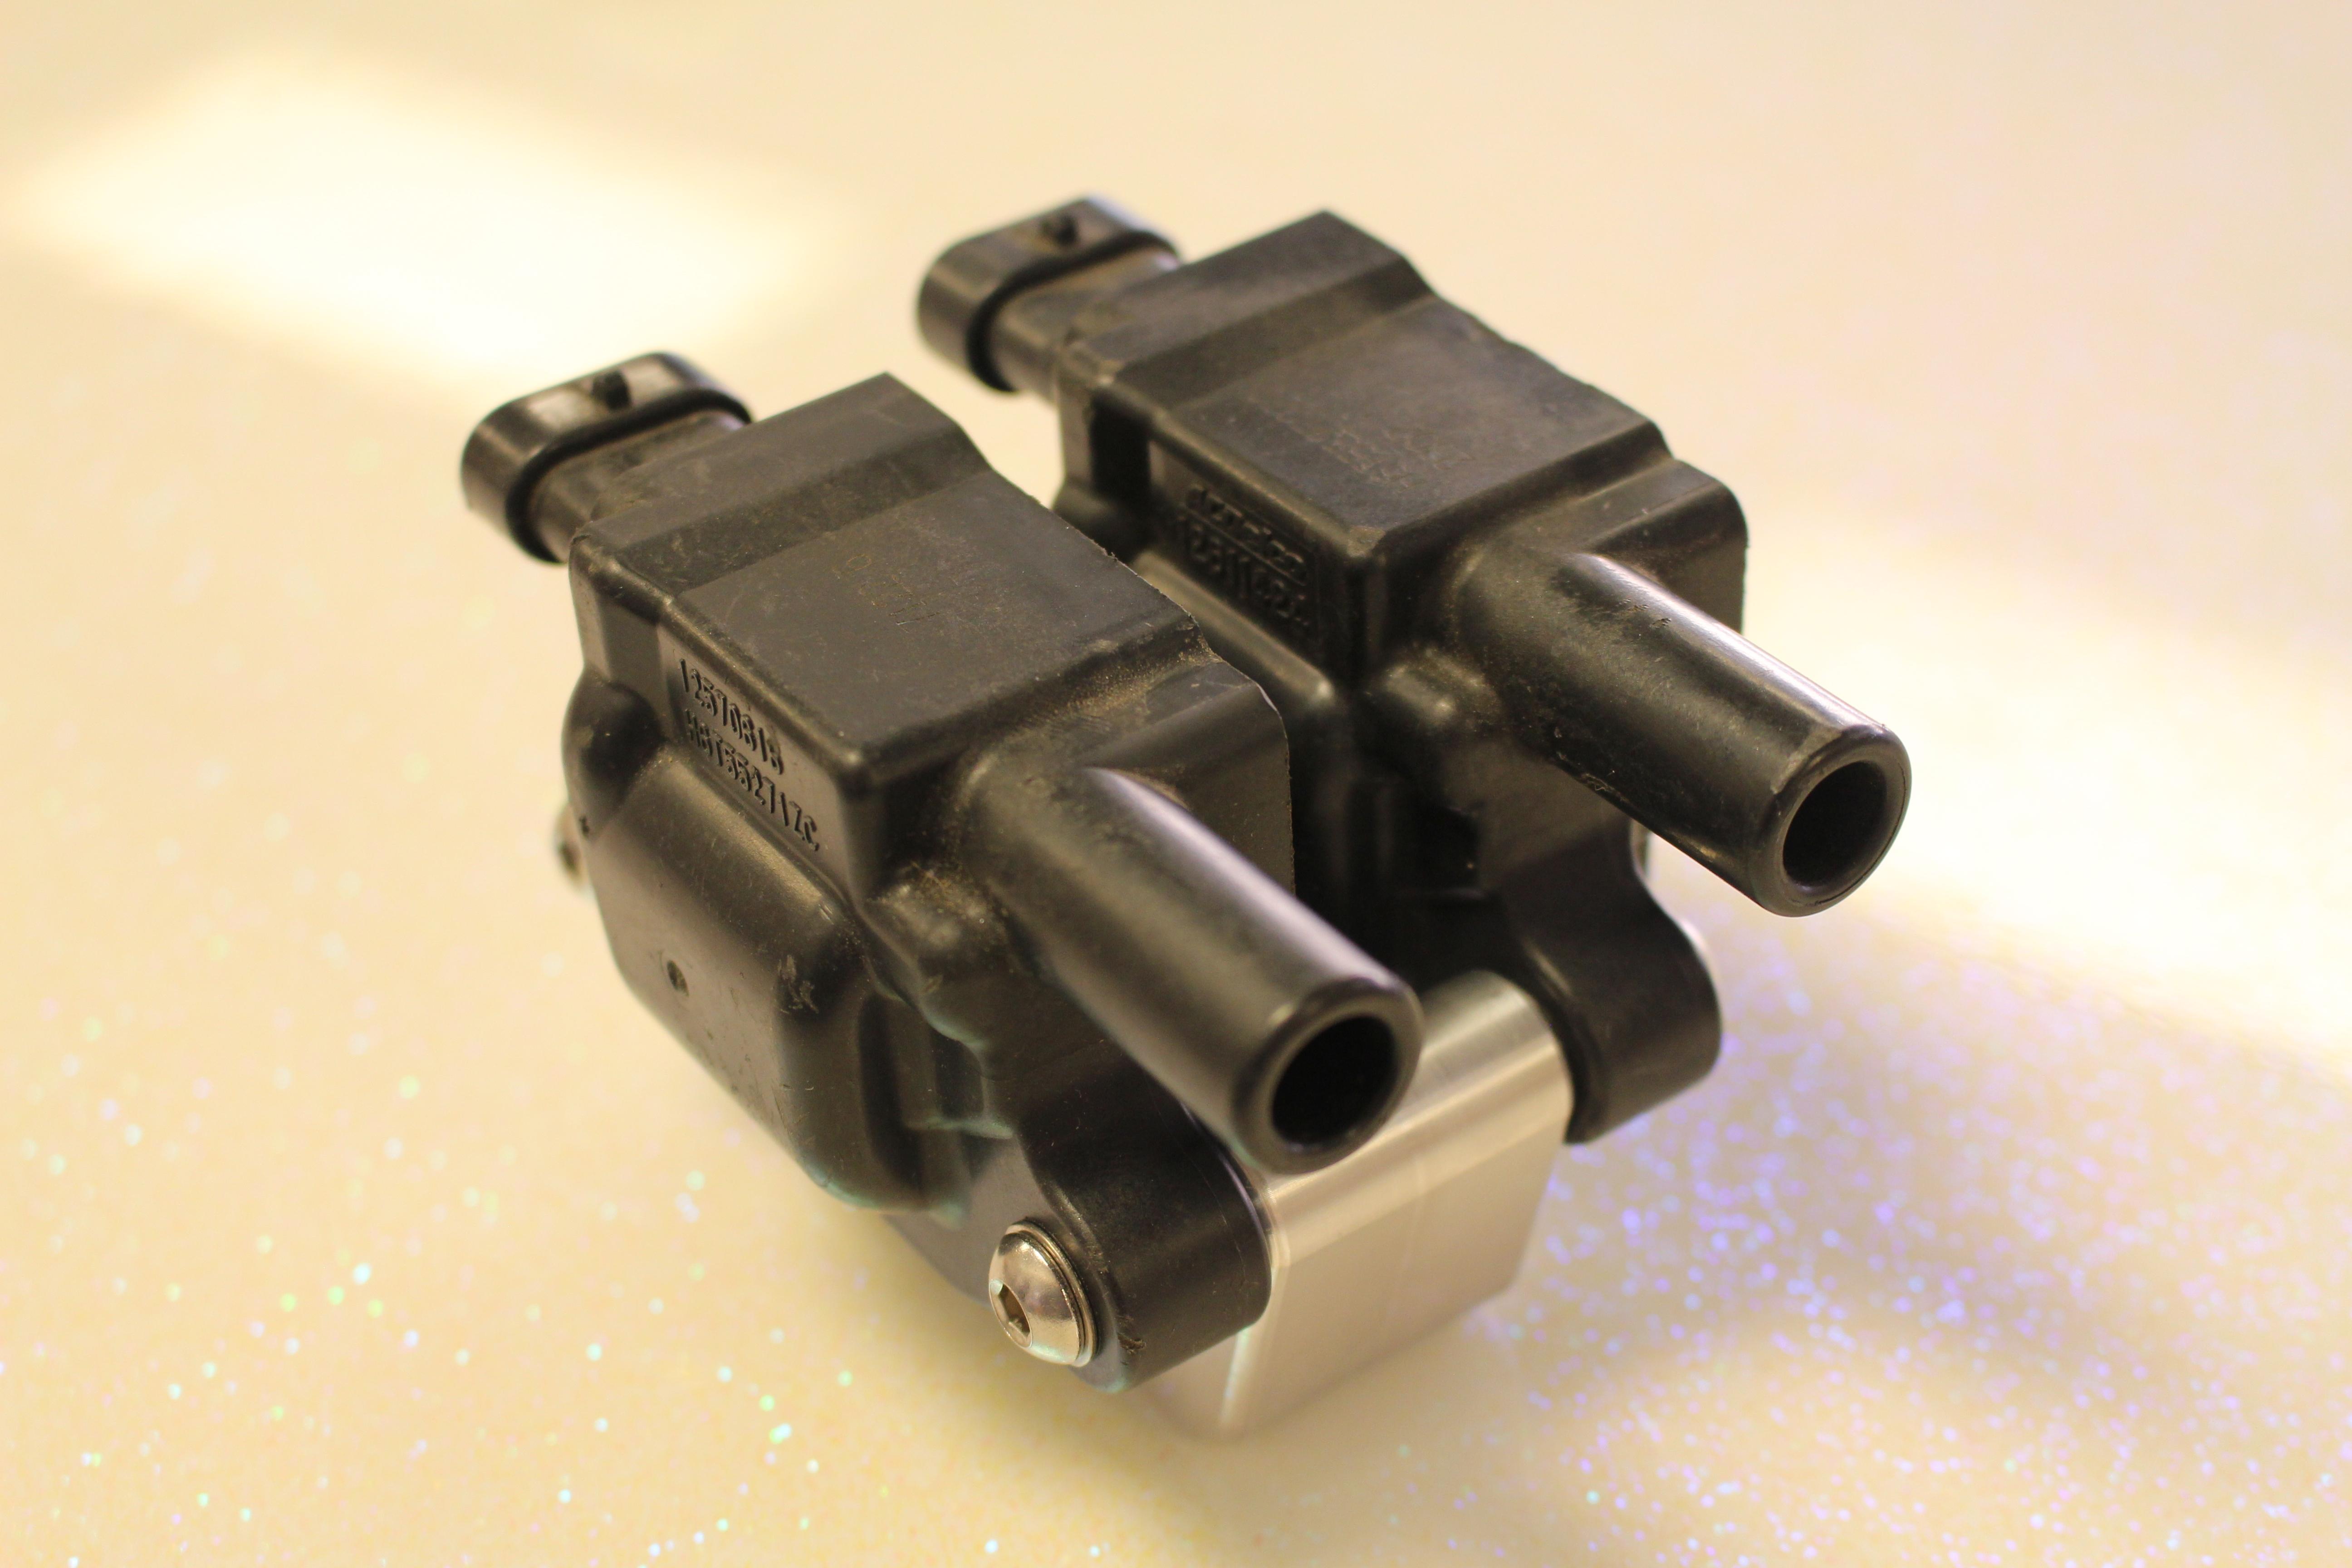 2006 Silverado 1500 >> Coil Relocation Brackets For GM LS3 Coils – DELMO'S SPEED